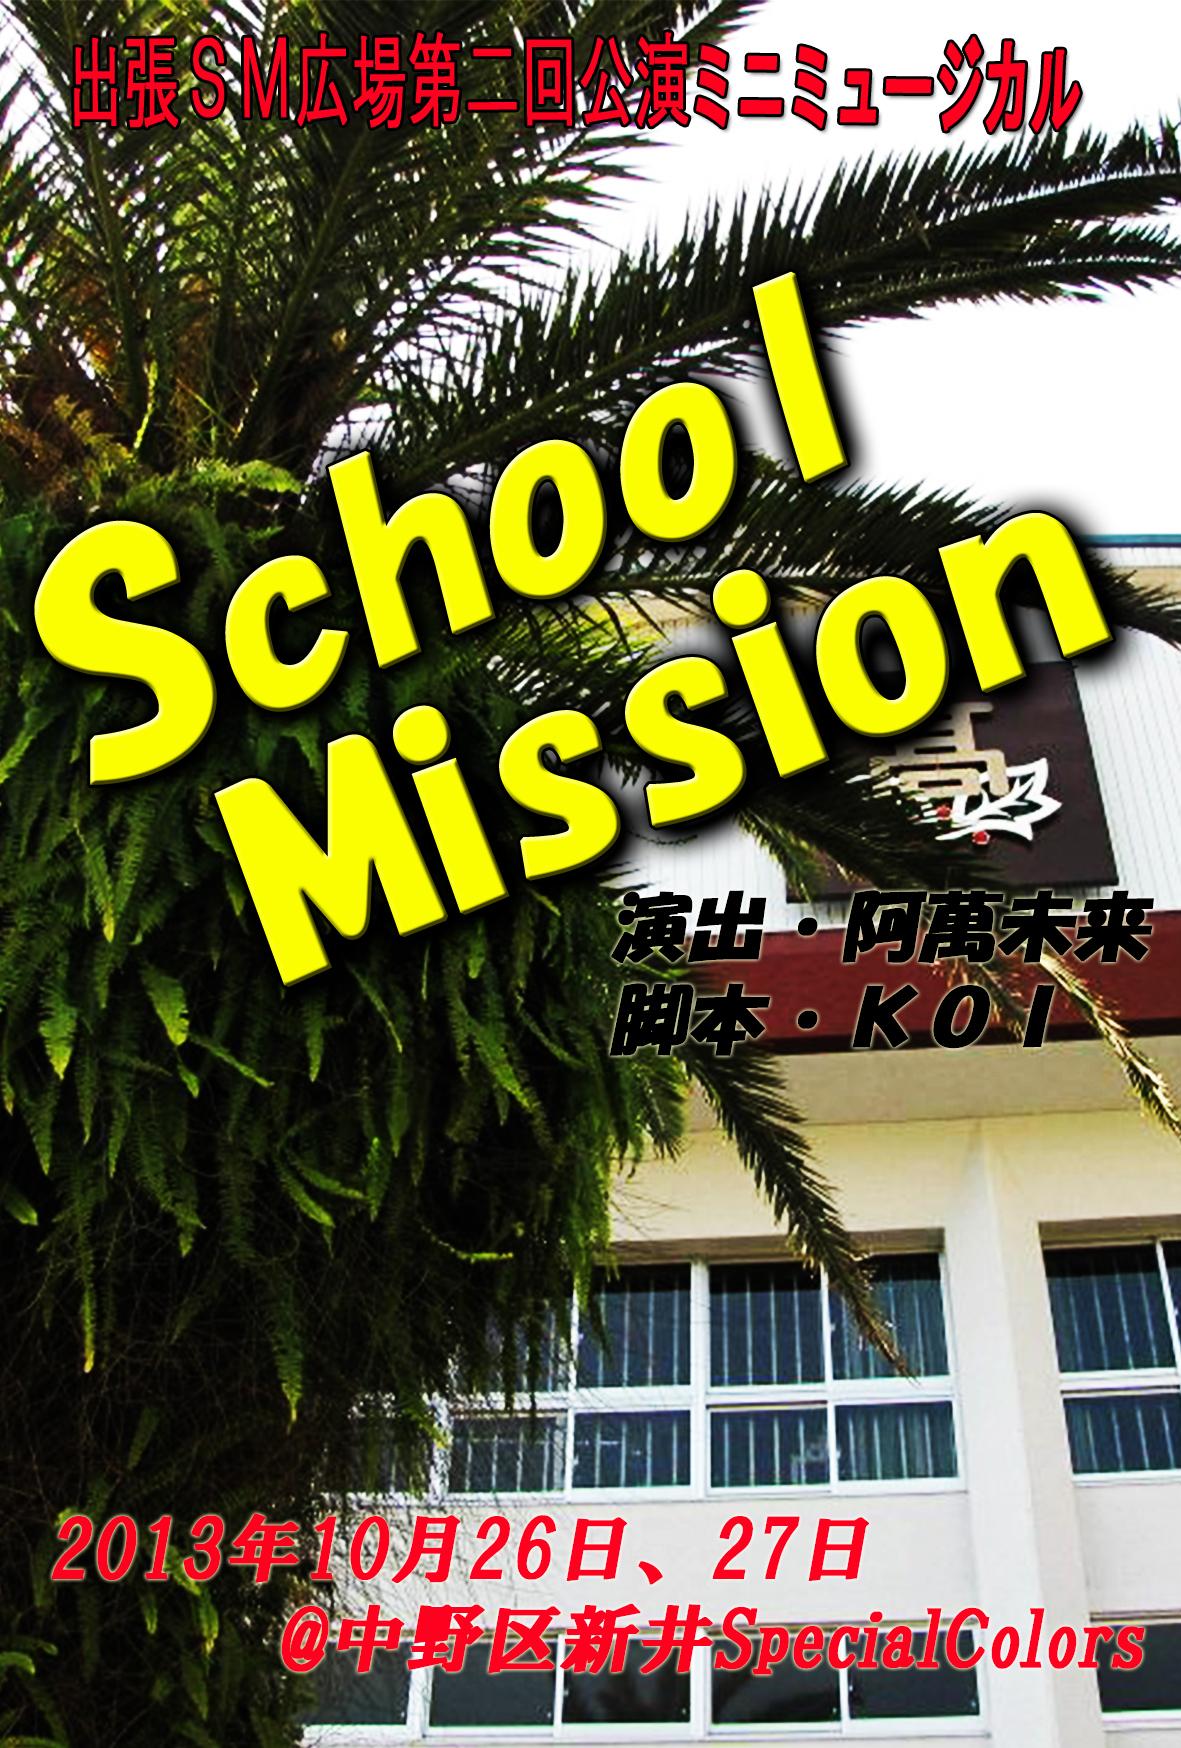 プレビュー公演「School Mission」